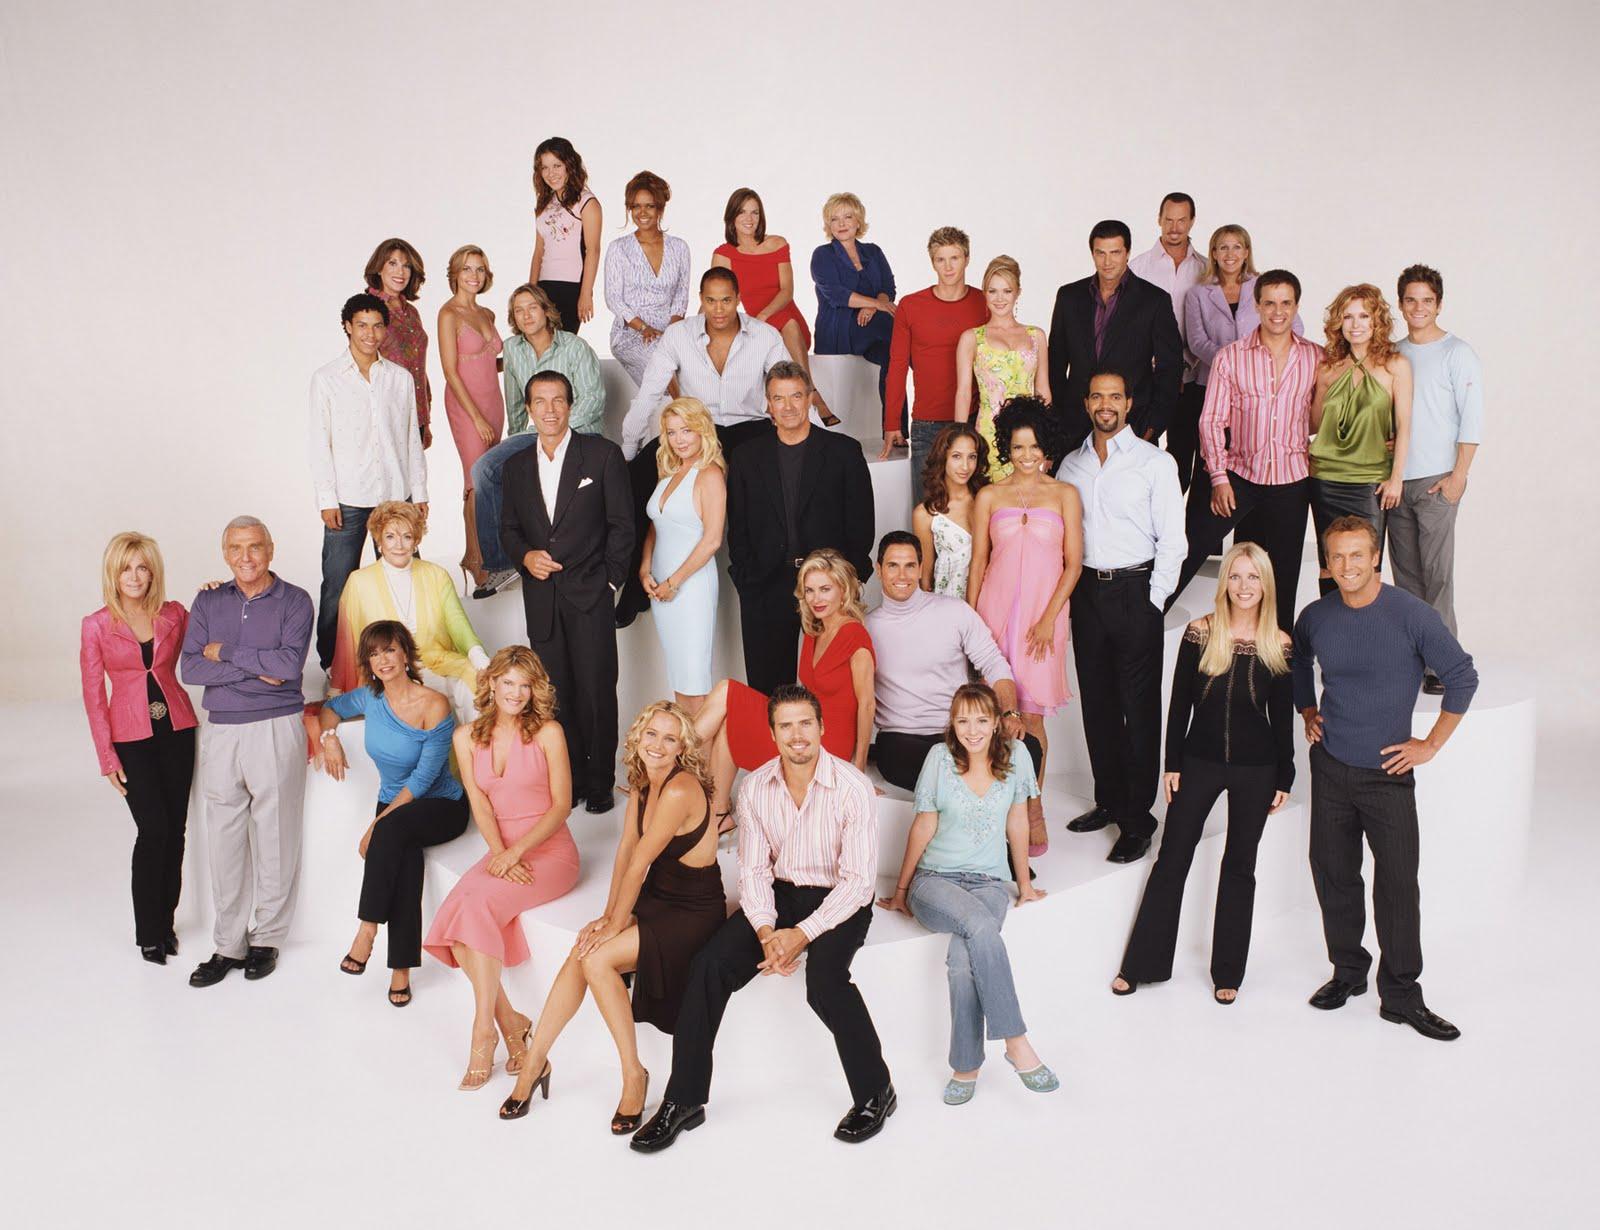 tvb reality dating show